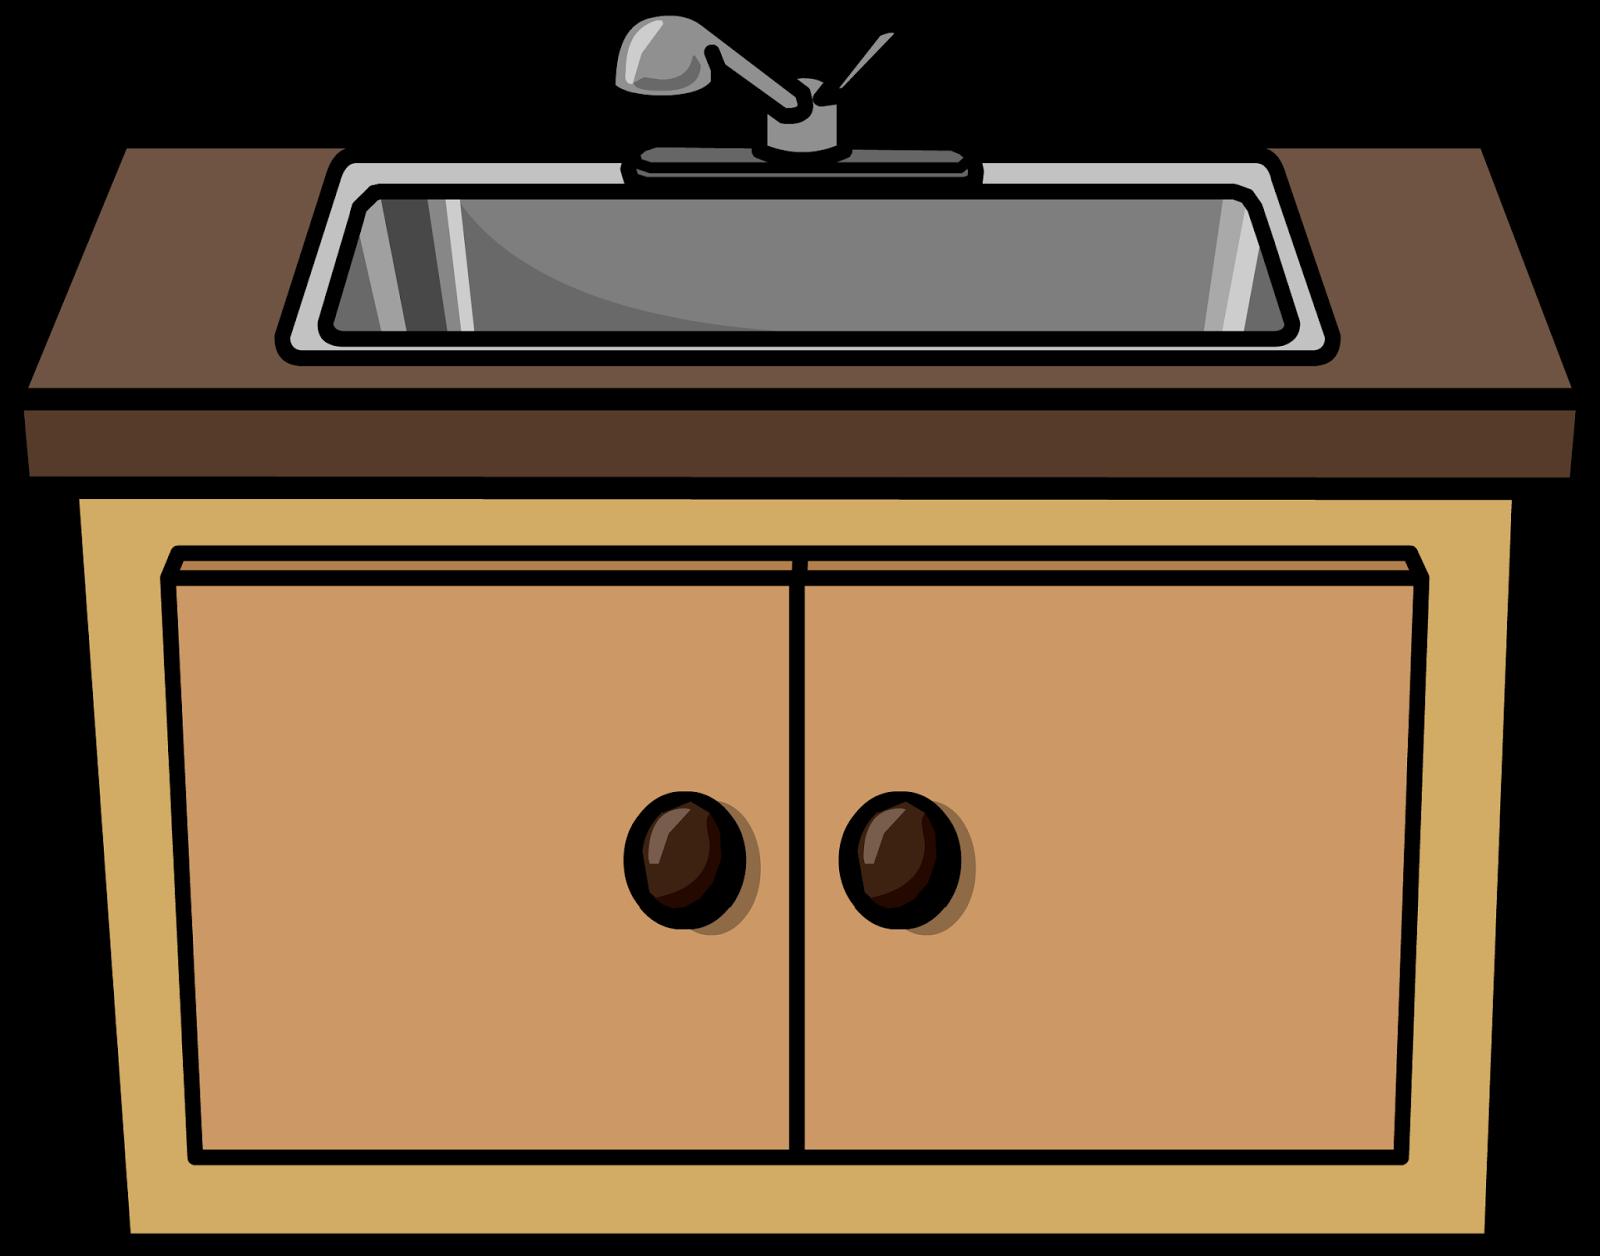 kitchen sink clip art - magiel